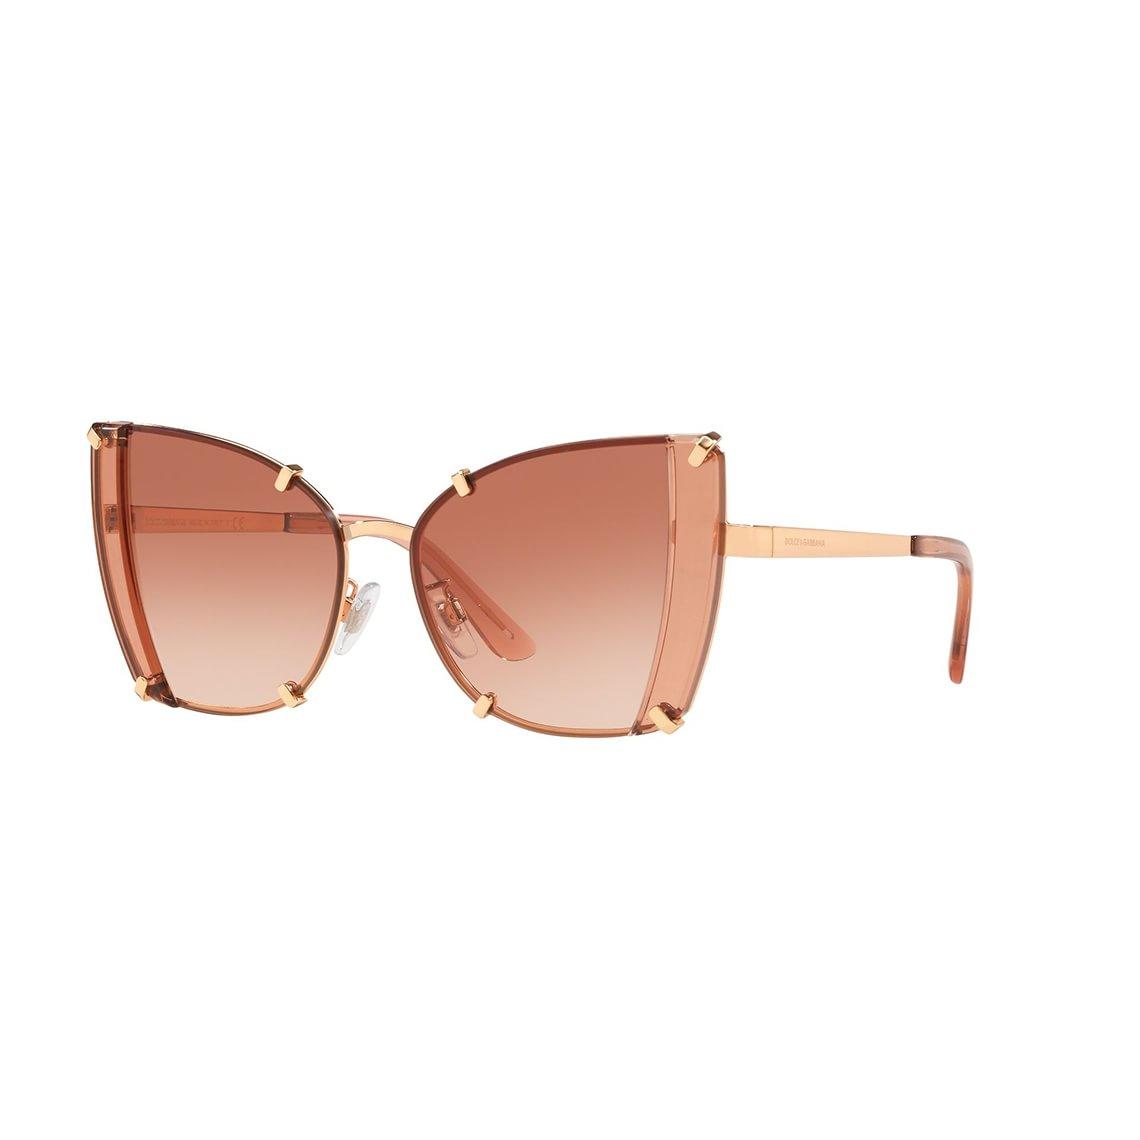 Dolce & Gabbana 0DG2214 53 129813